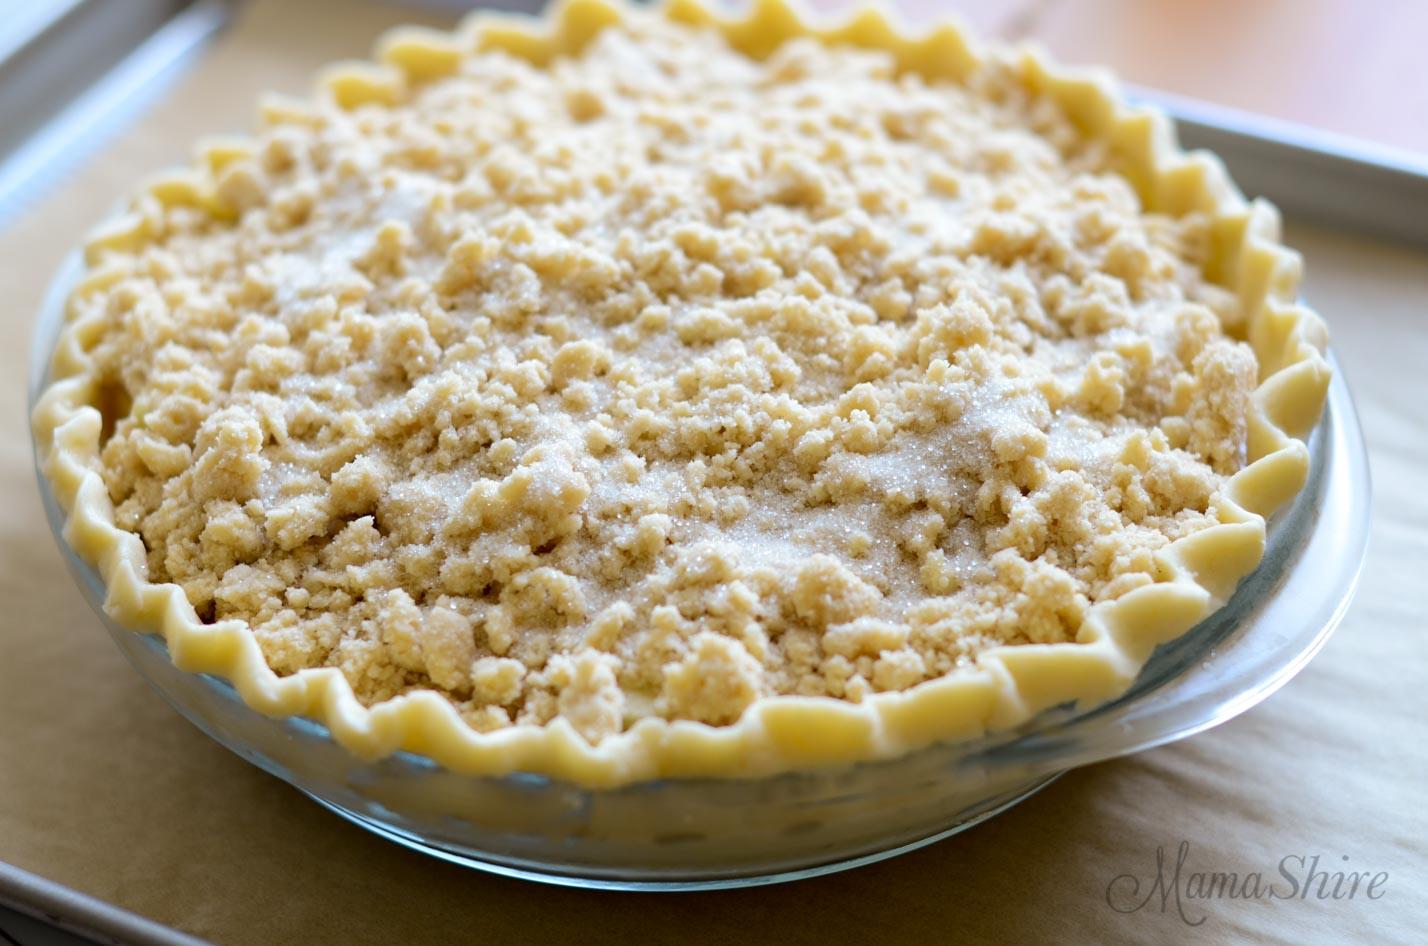 An uncooked gluten-free Dutch apple pie.